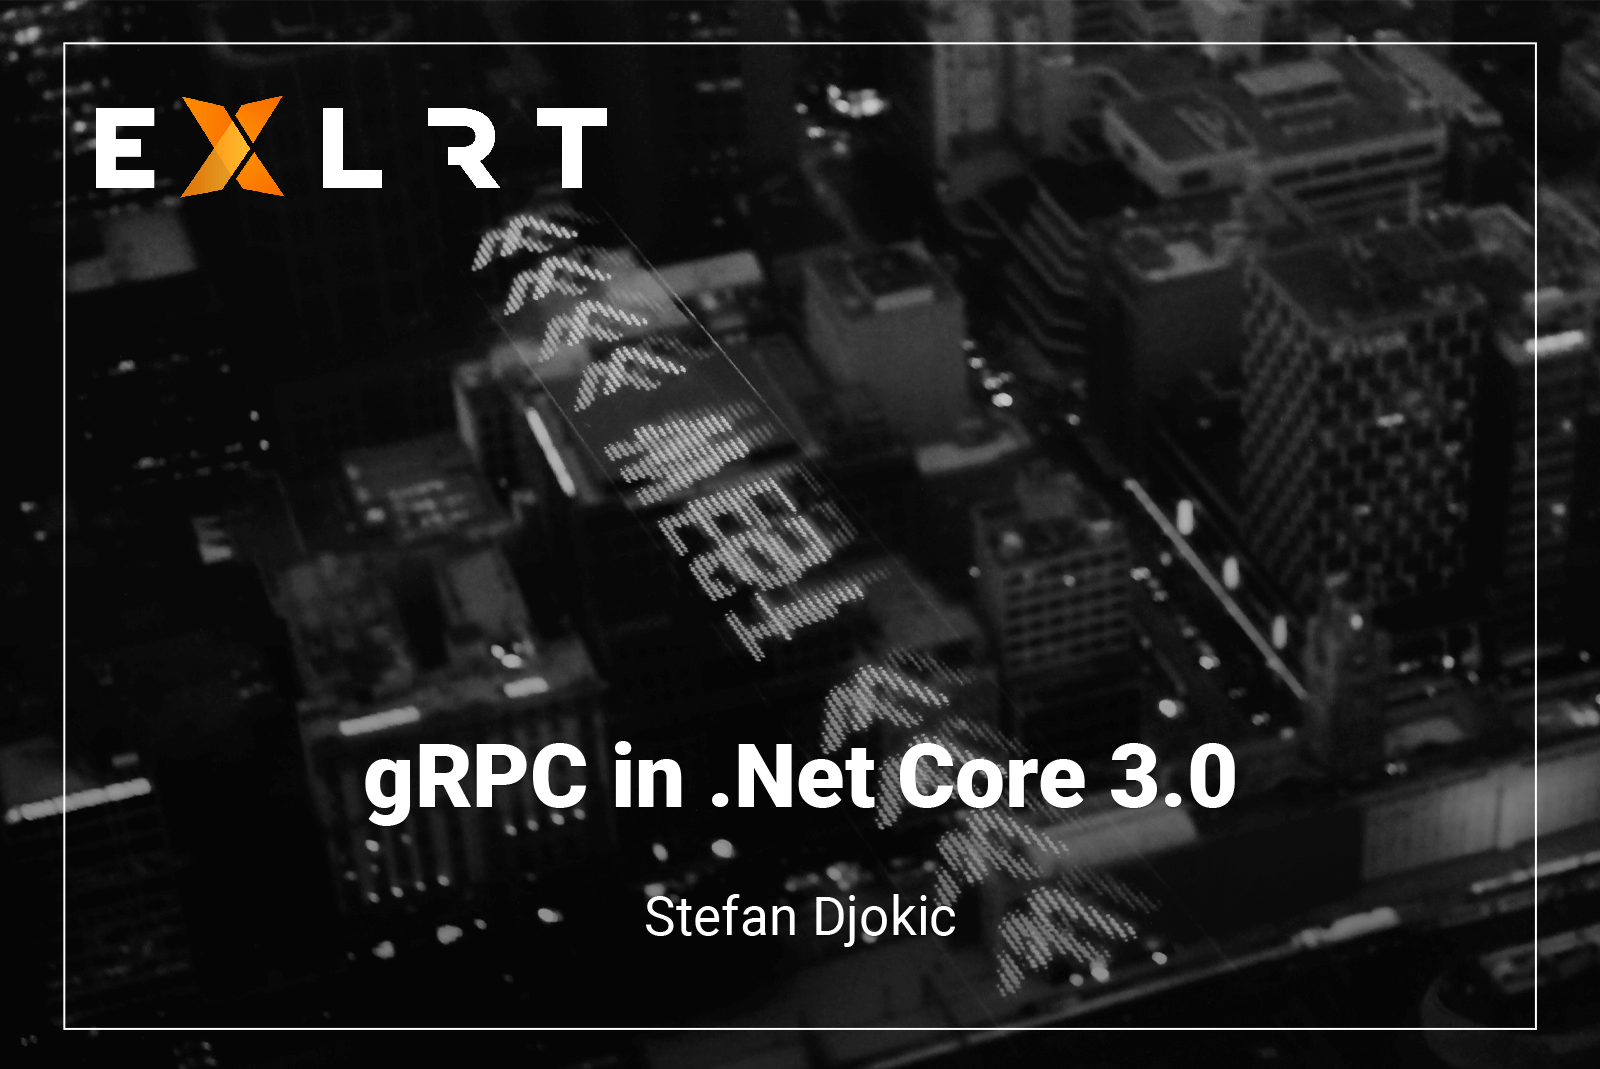 gRPC in .Net Core 3.0